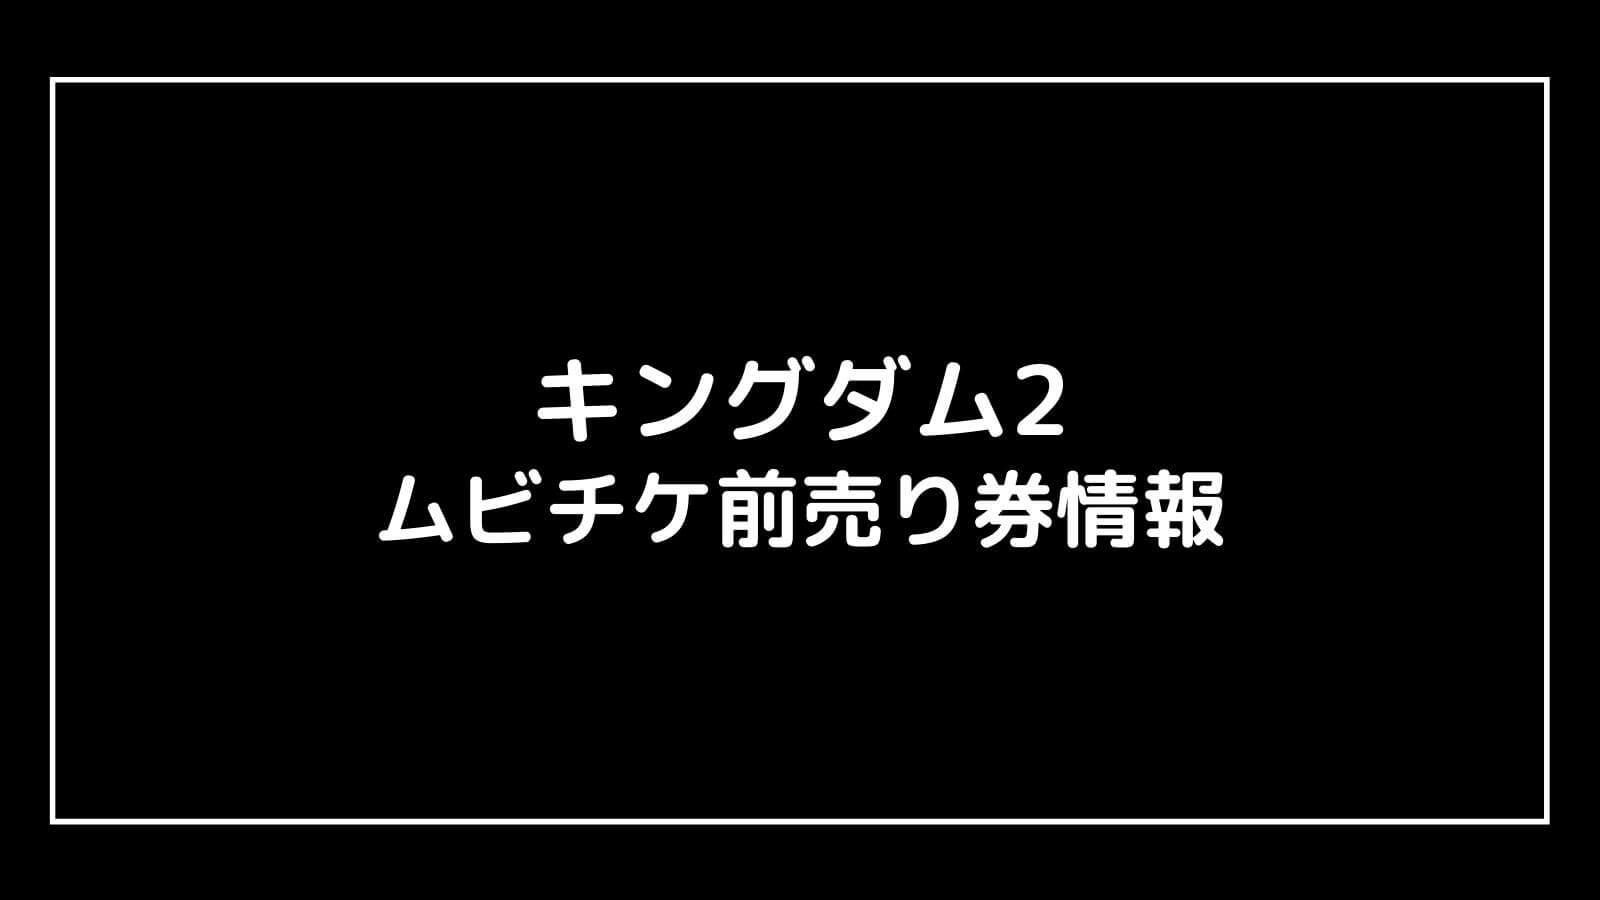 映画『キングダム2』続編のムビチケ前売り券はいつから発売?特典はある?元映画館社員が徹底予想